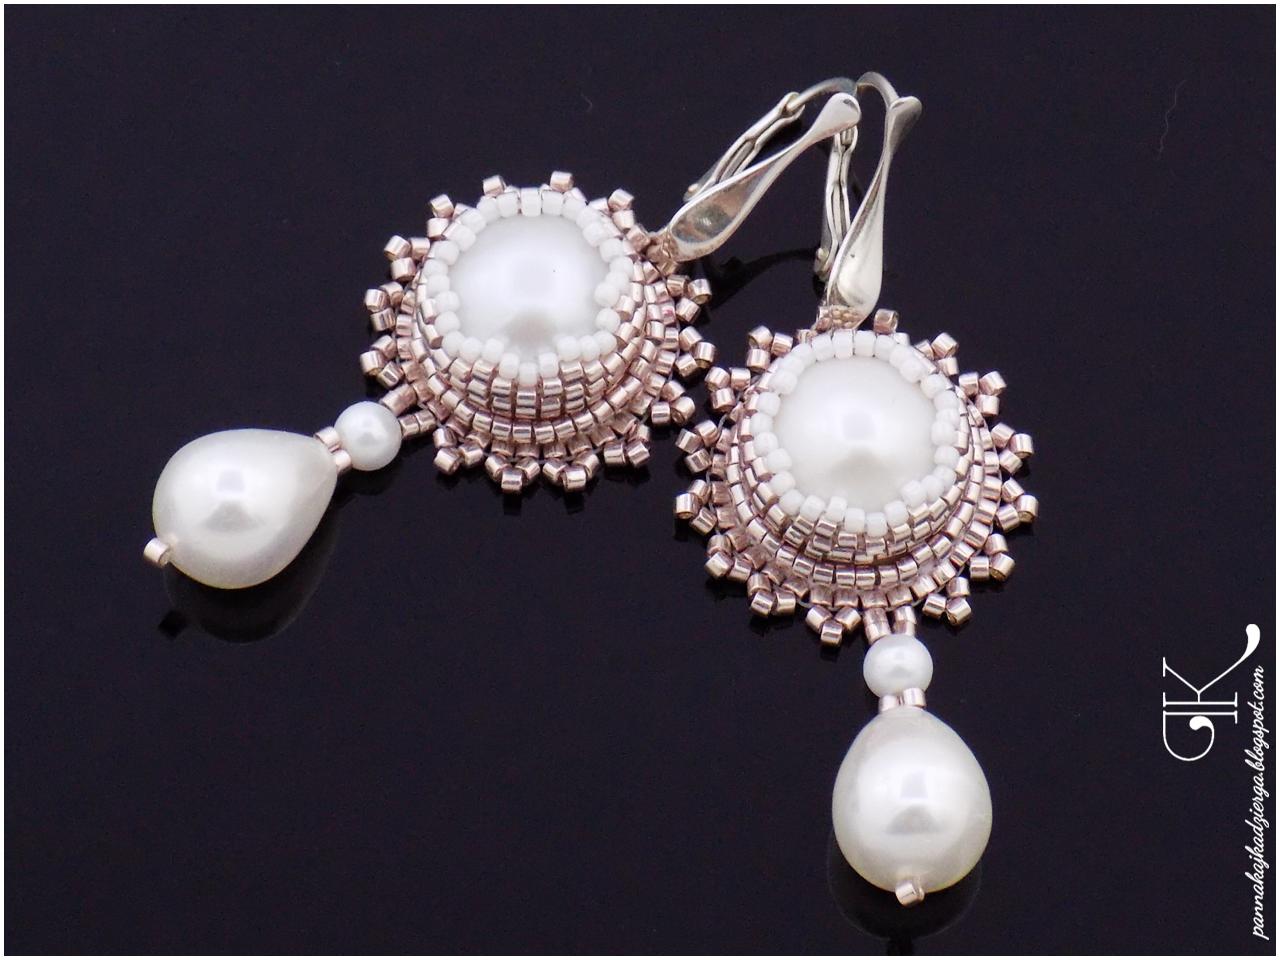 perły, biel, koronka, koraliki miyuki, miyuki, rękodzieło, handmade, ślub, kolczyki, spinki do mankietów, pan młody, panna młoda